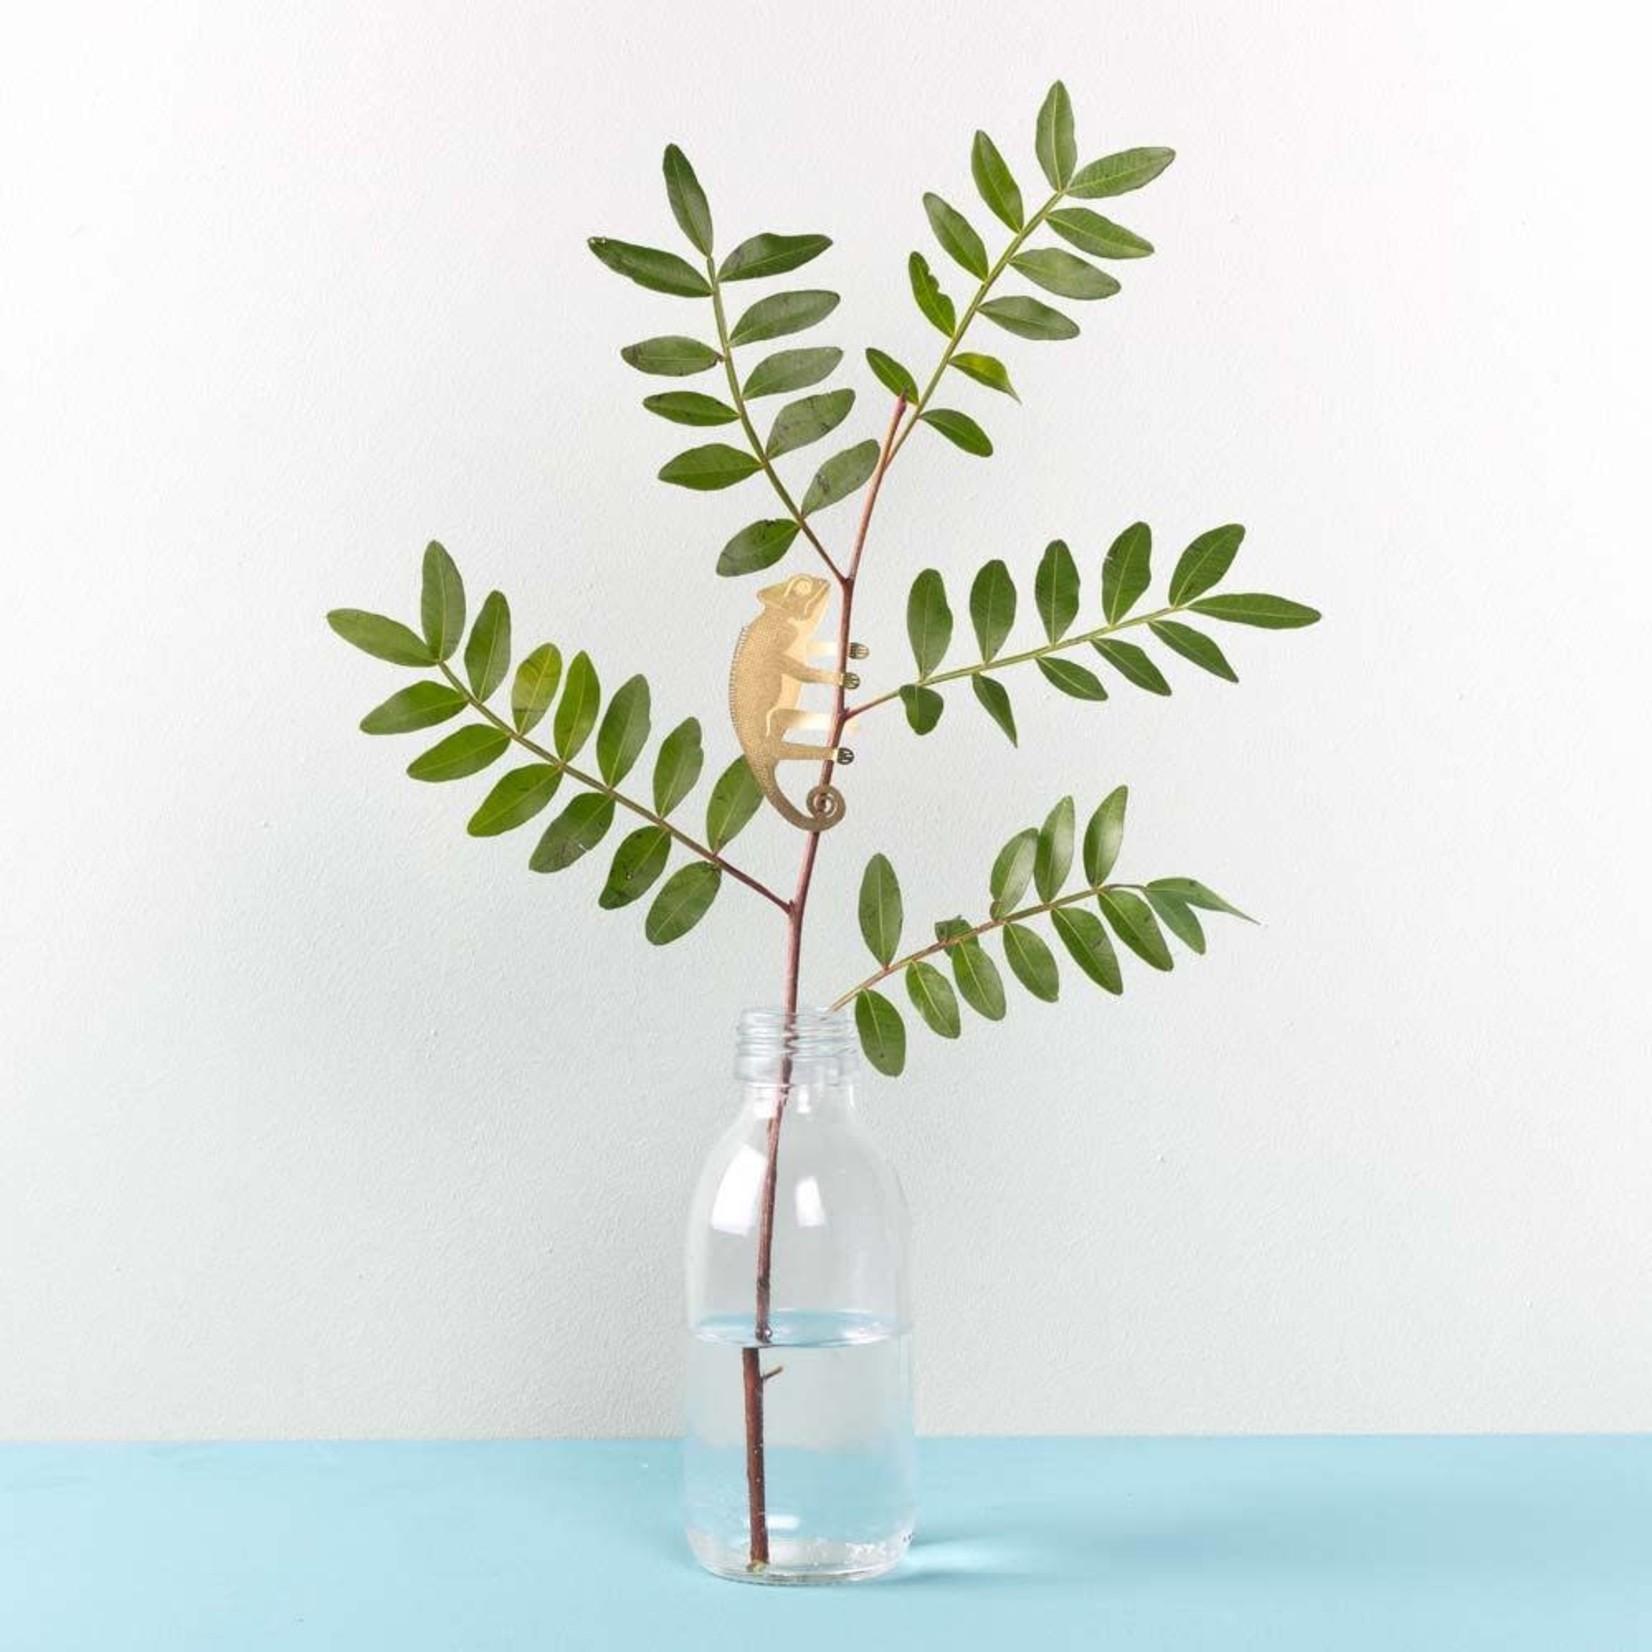 another studio Plant Animal - Chameleon